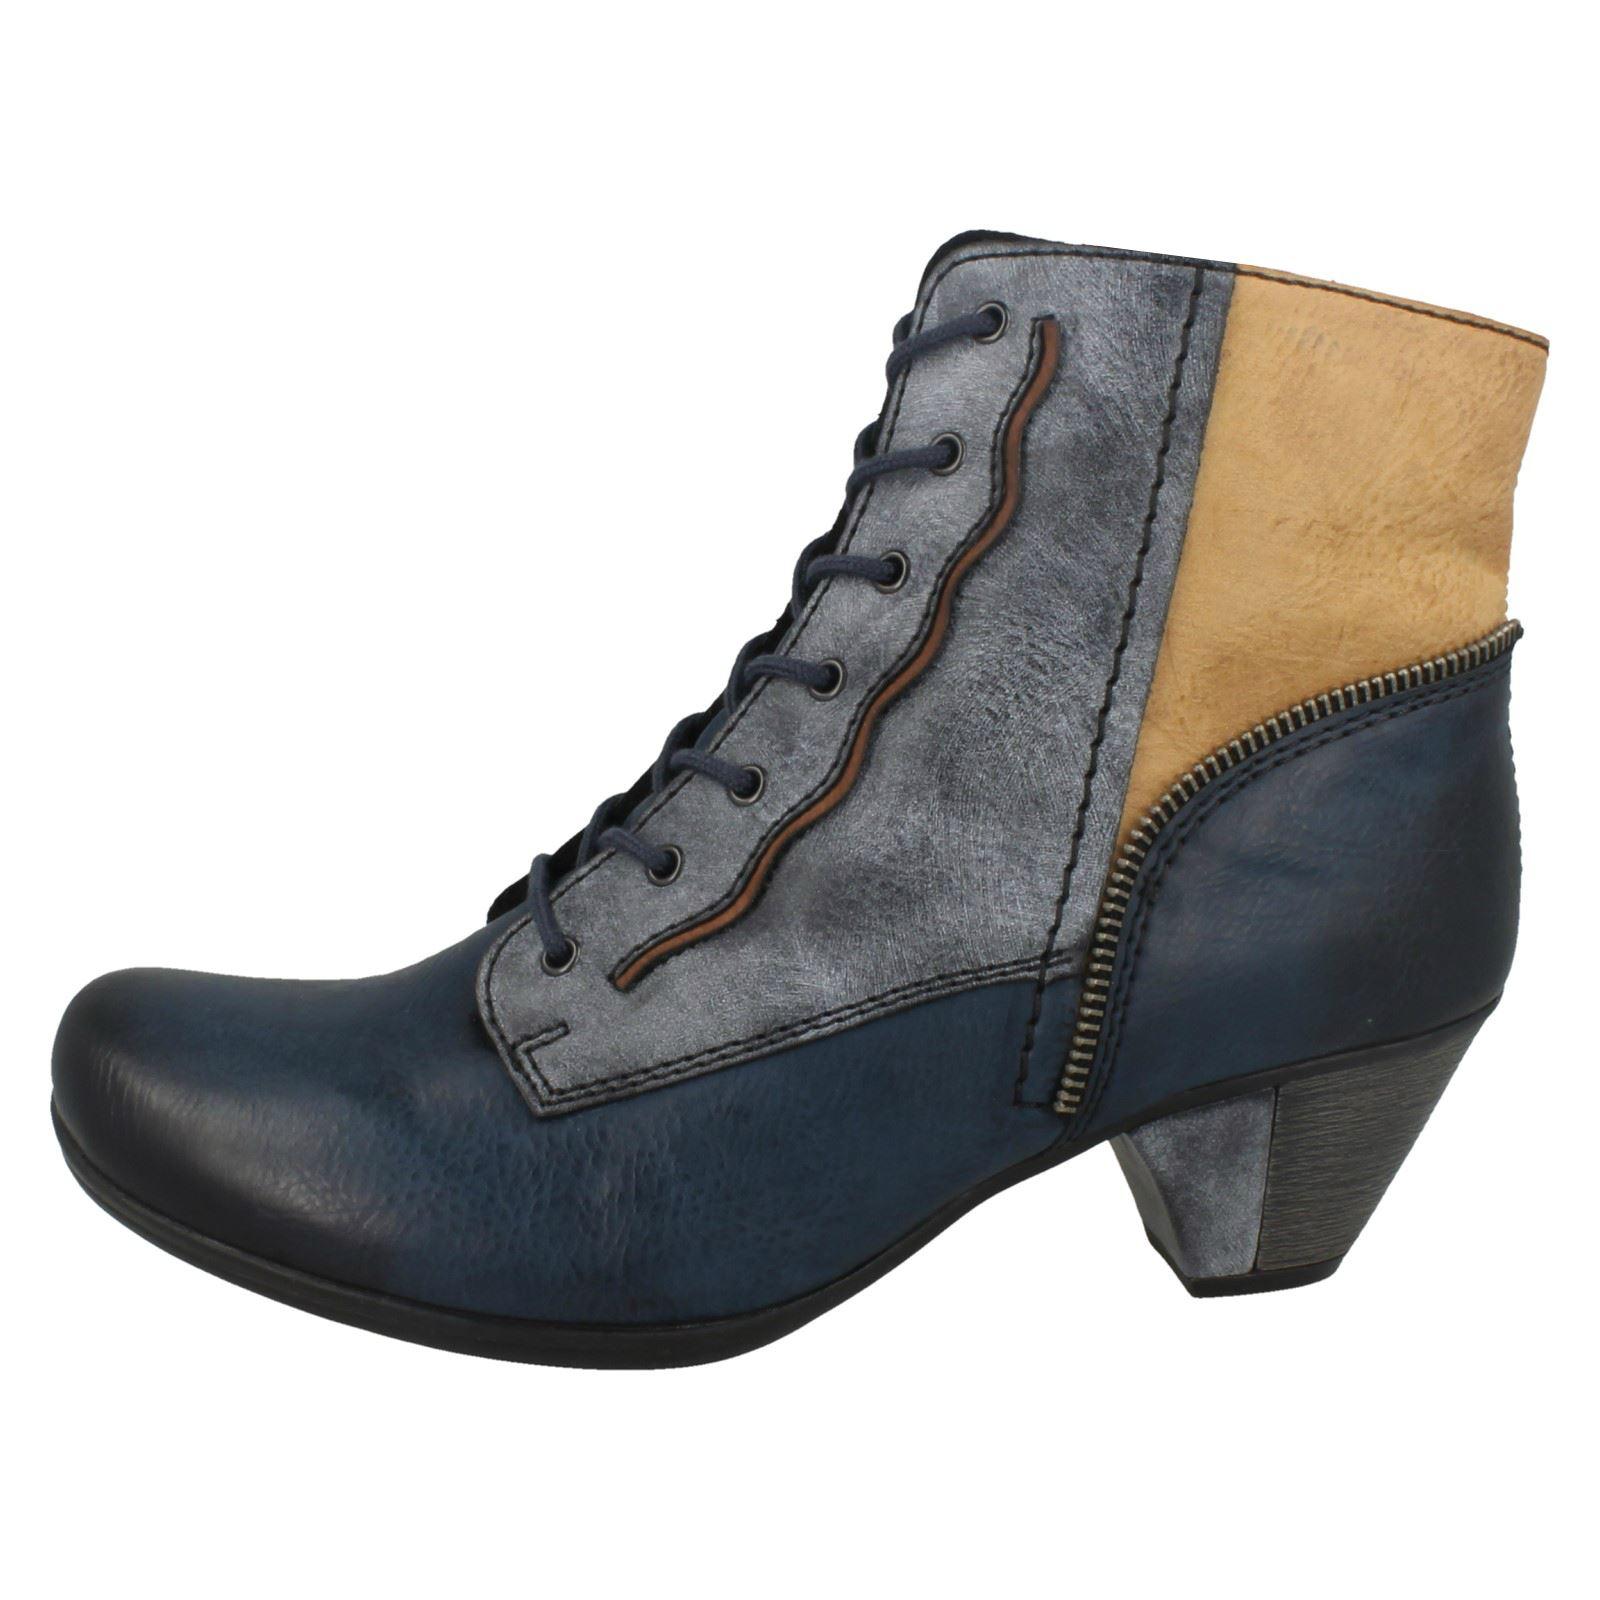 Damas Rieker botas botas botas al tobillo con Cordones' ' 67760a